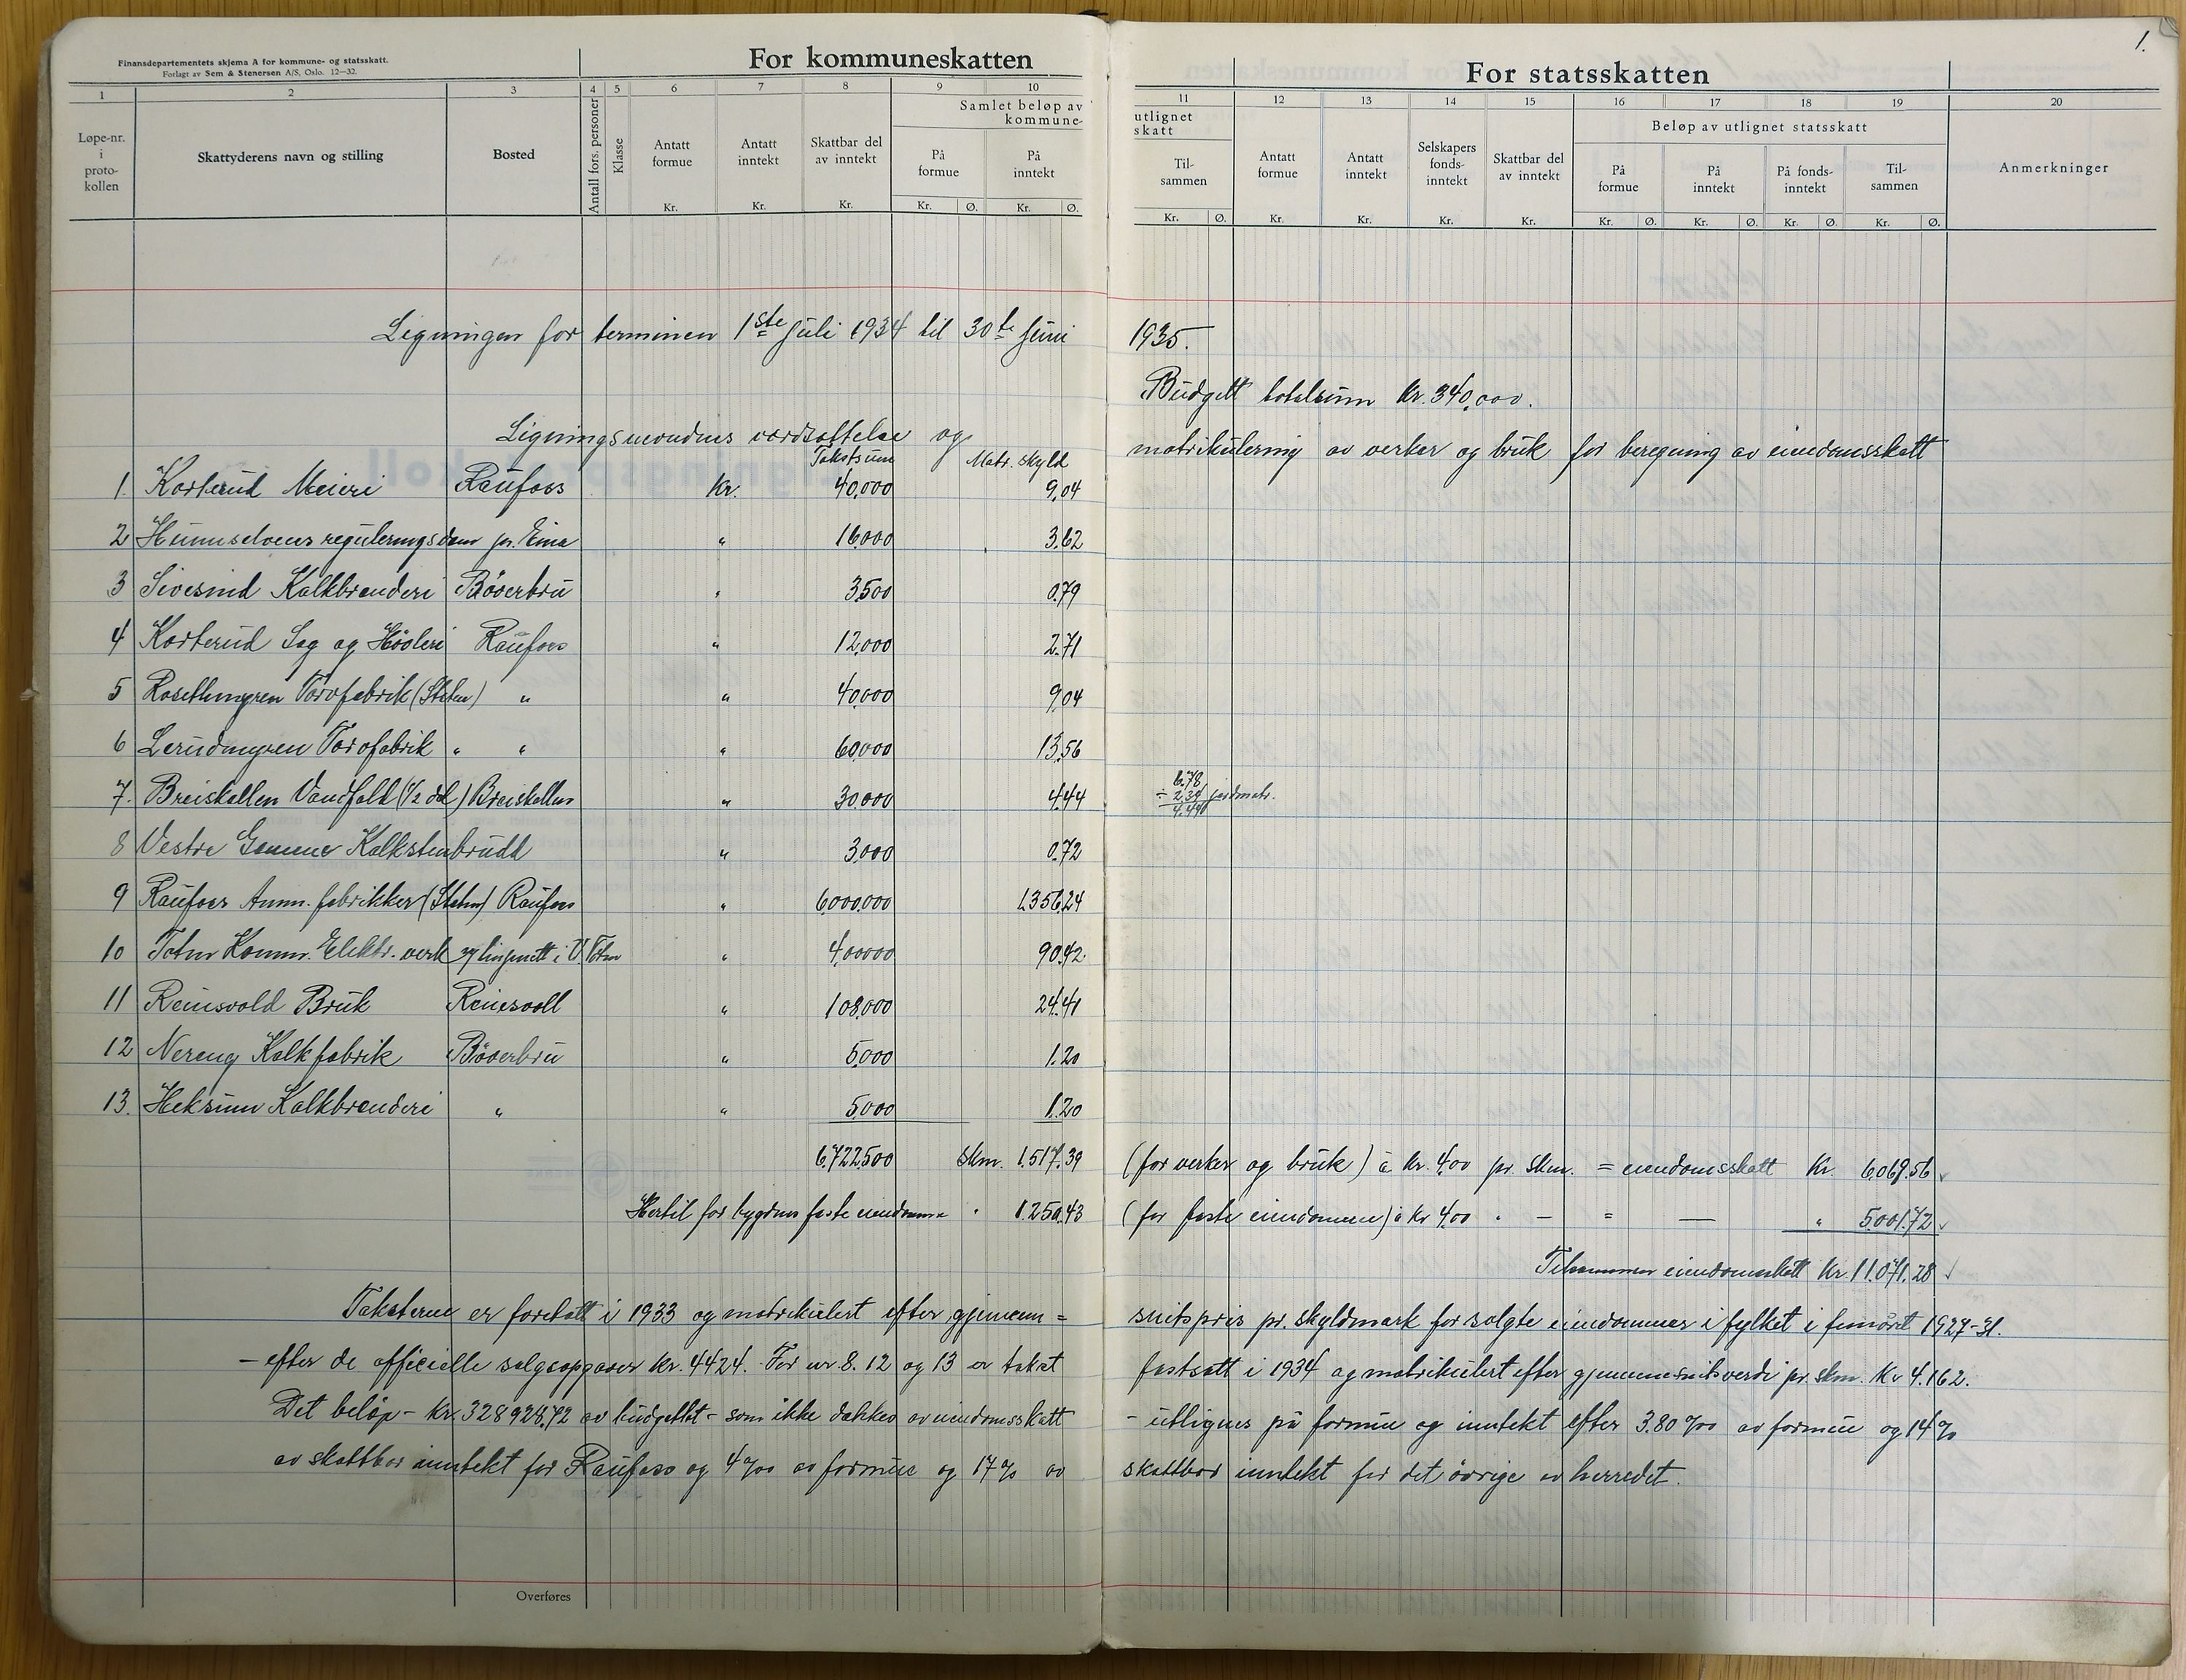 KVT, Vestre Toten kommune - Avskrift av ligningsprotokoll for budsjettåret 1934-1935 i Vestre Toten skattedistrikt, 1934-1935